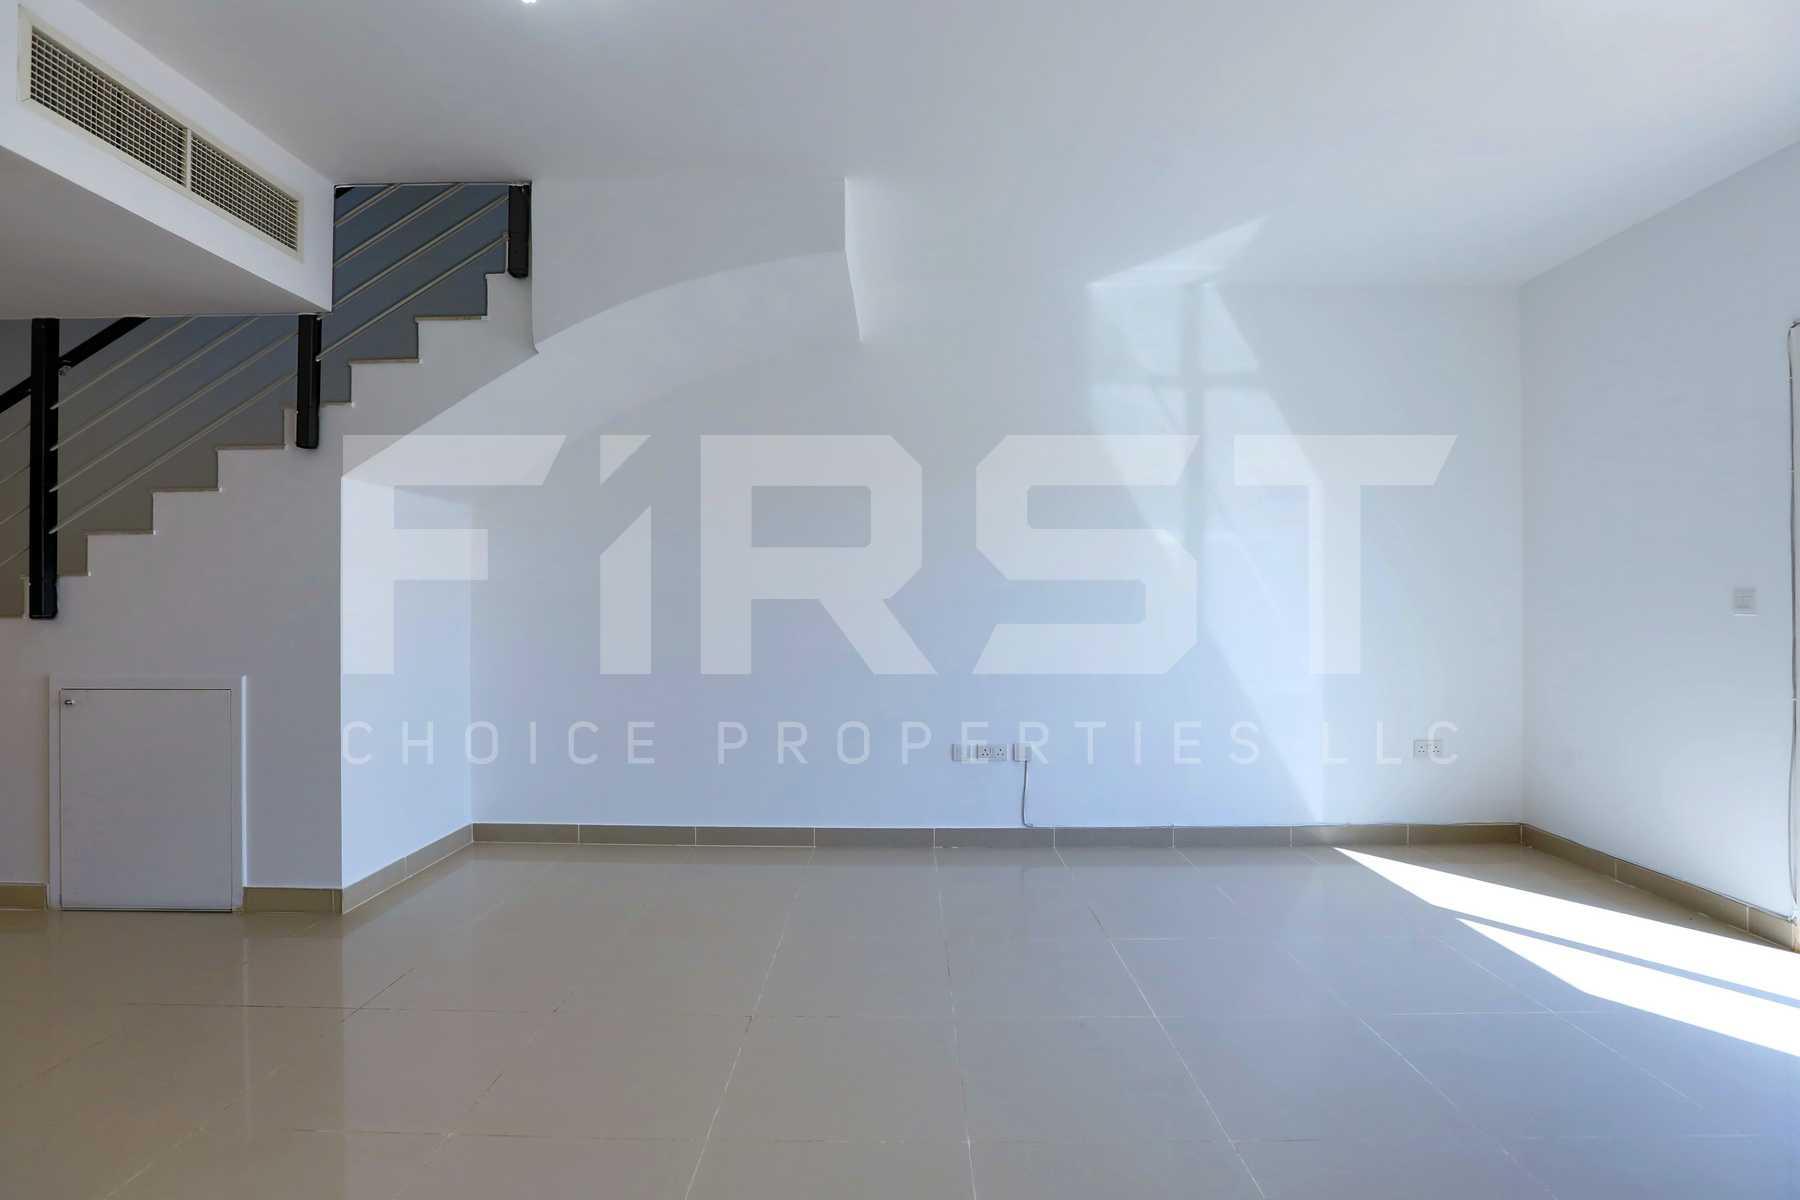 Internal Photo of 3 Bedroom Villa in Al Reef Villas Al Reef Abu Dhabi UAE 225.2 sq.m 2424 sq.ft (3).jpg